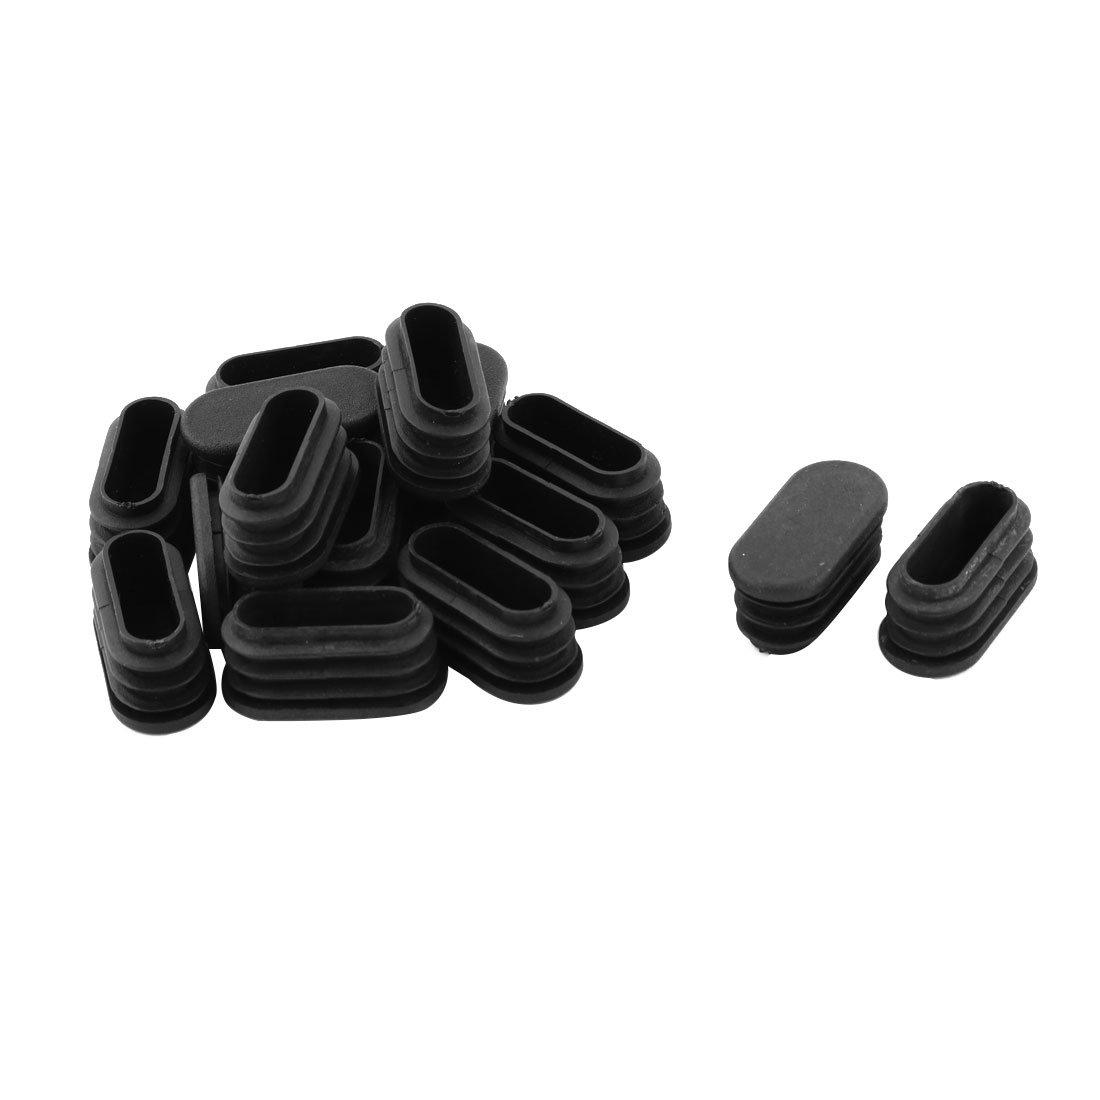 sourcingmap Scuola ovale in plastica sedia gamba coperchio piede inserto tubo nero 32 x 15mm 15 pz a17042900ux0789